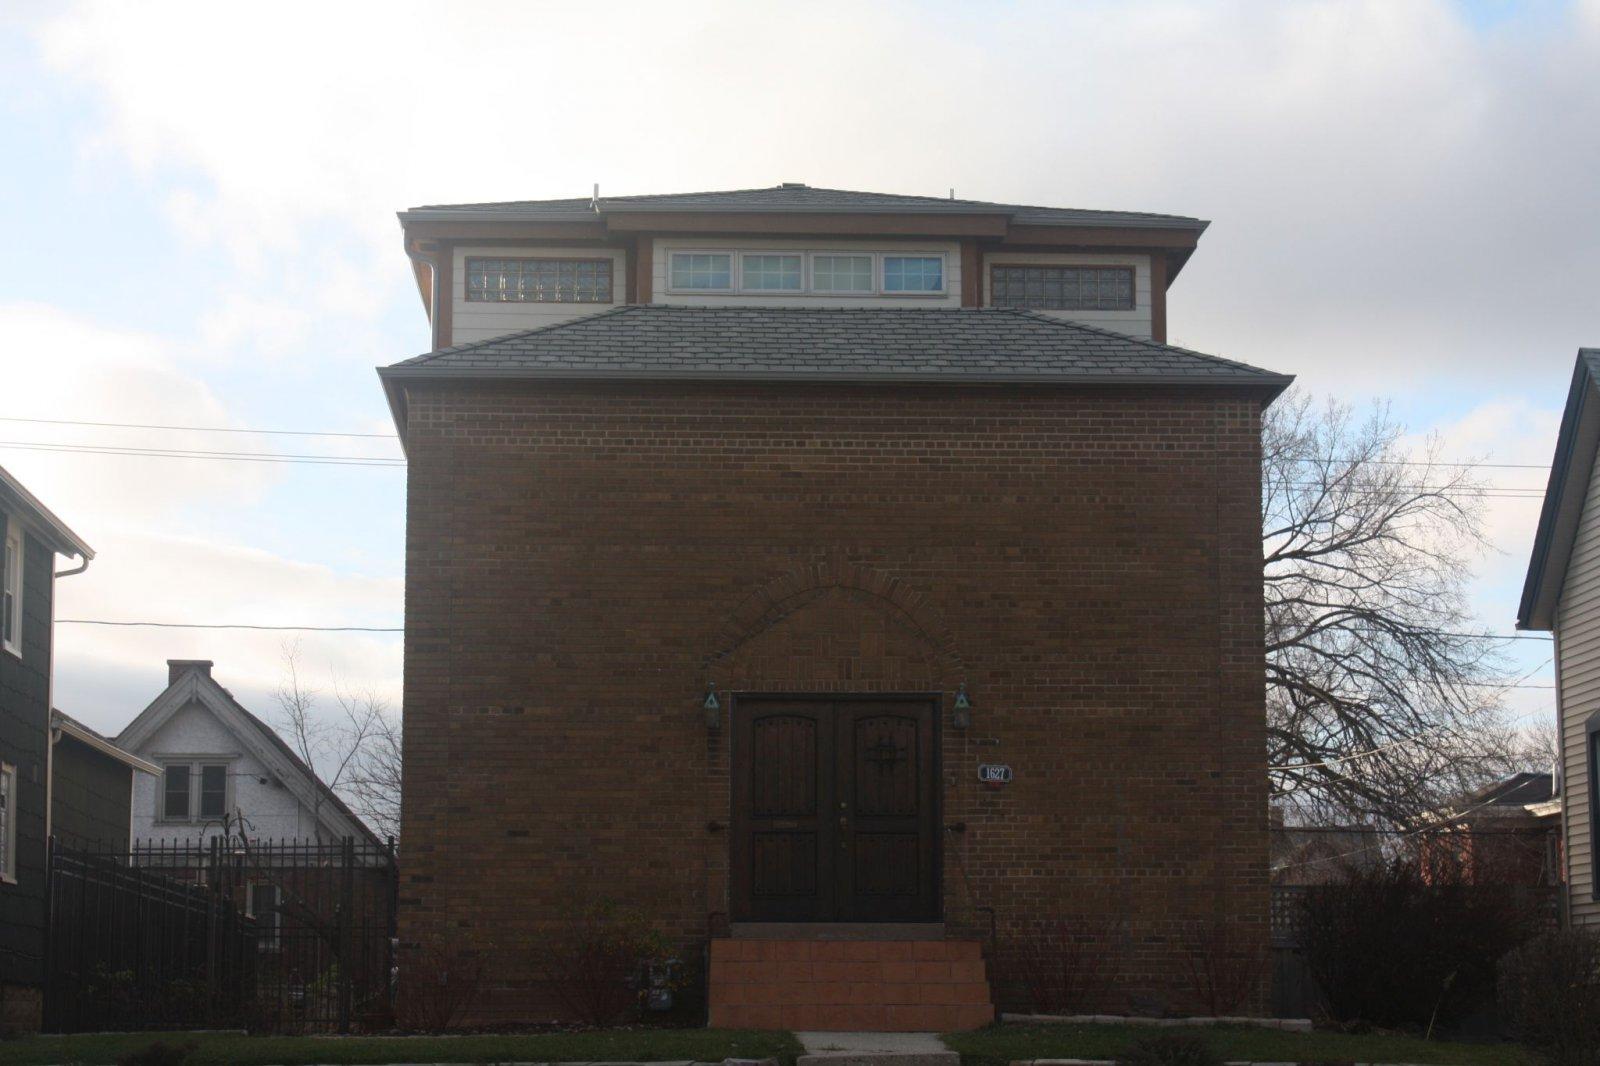 N. Van Buren building